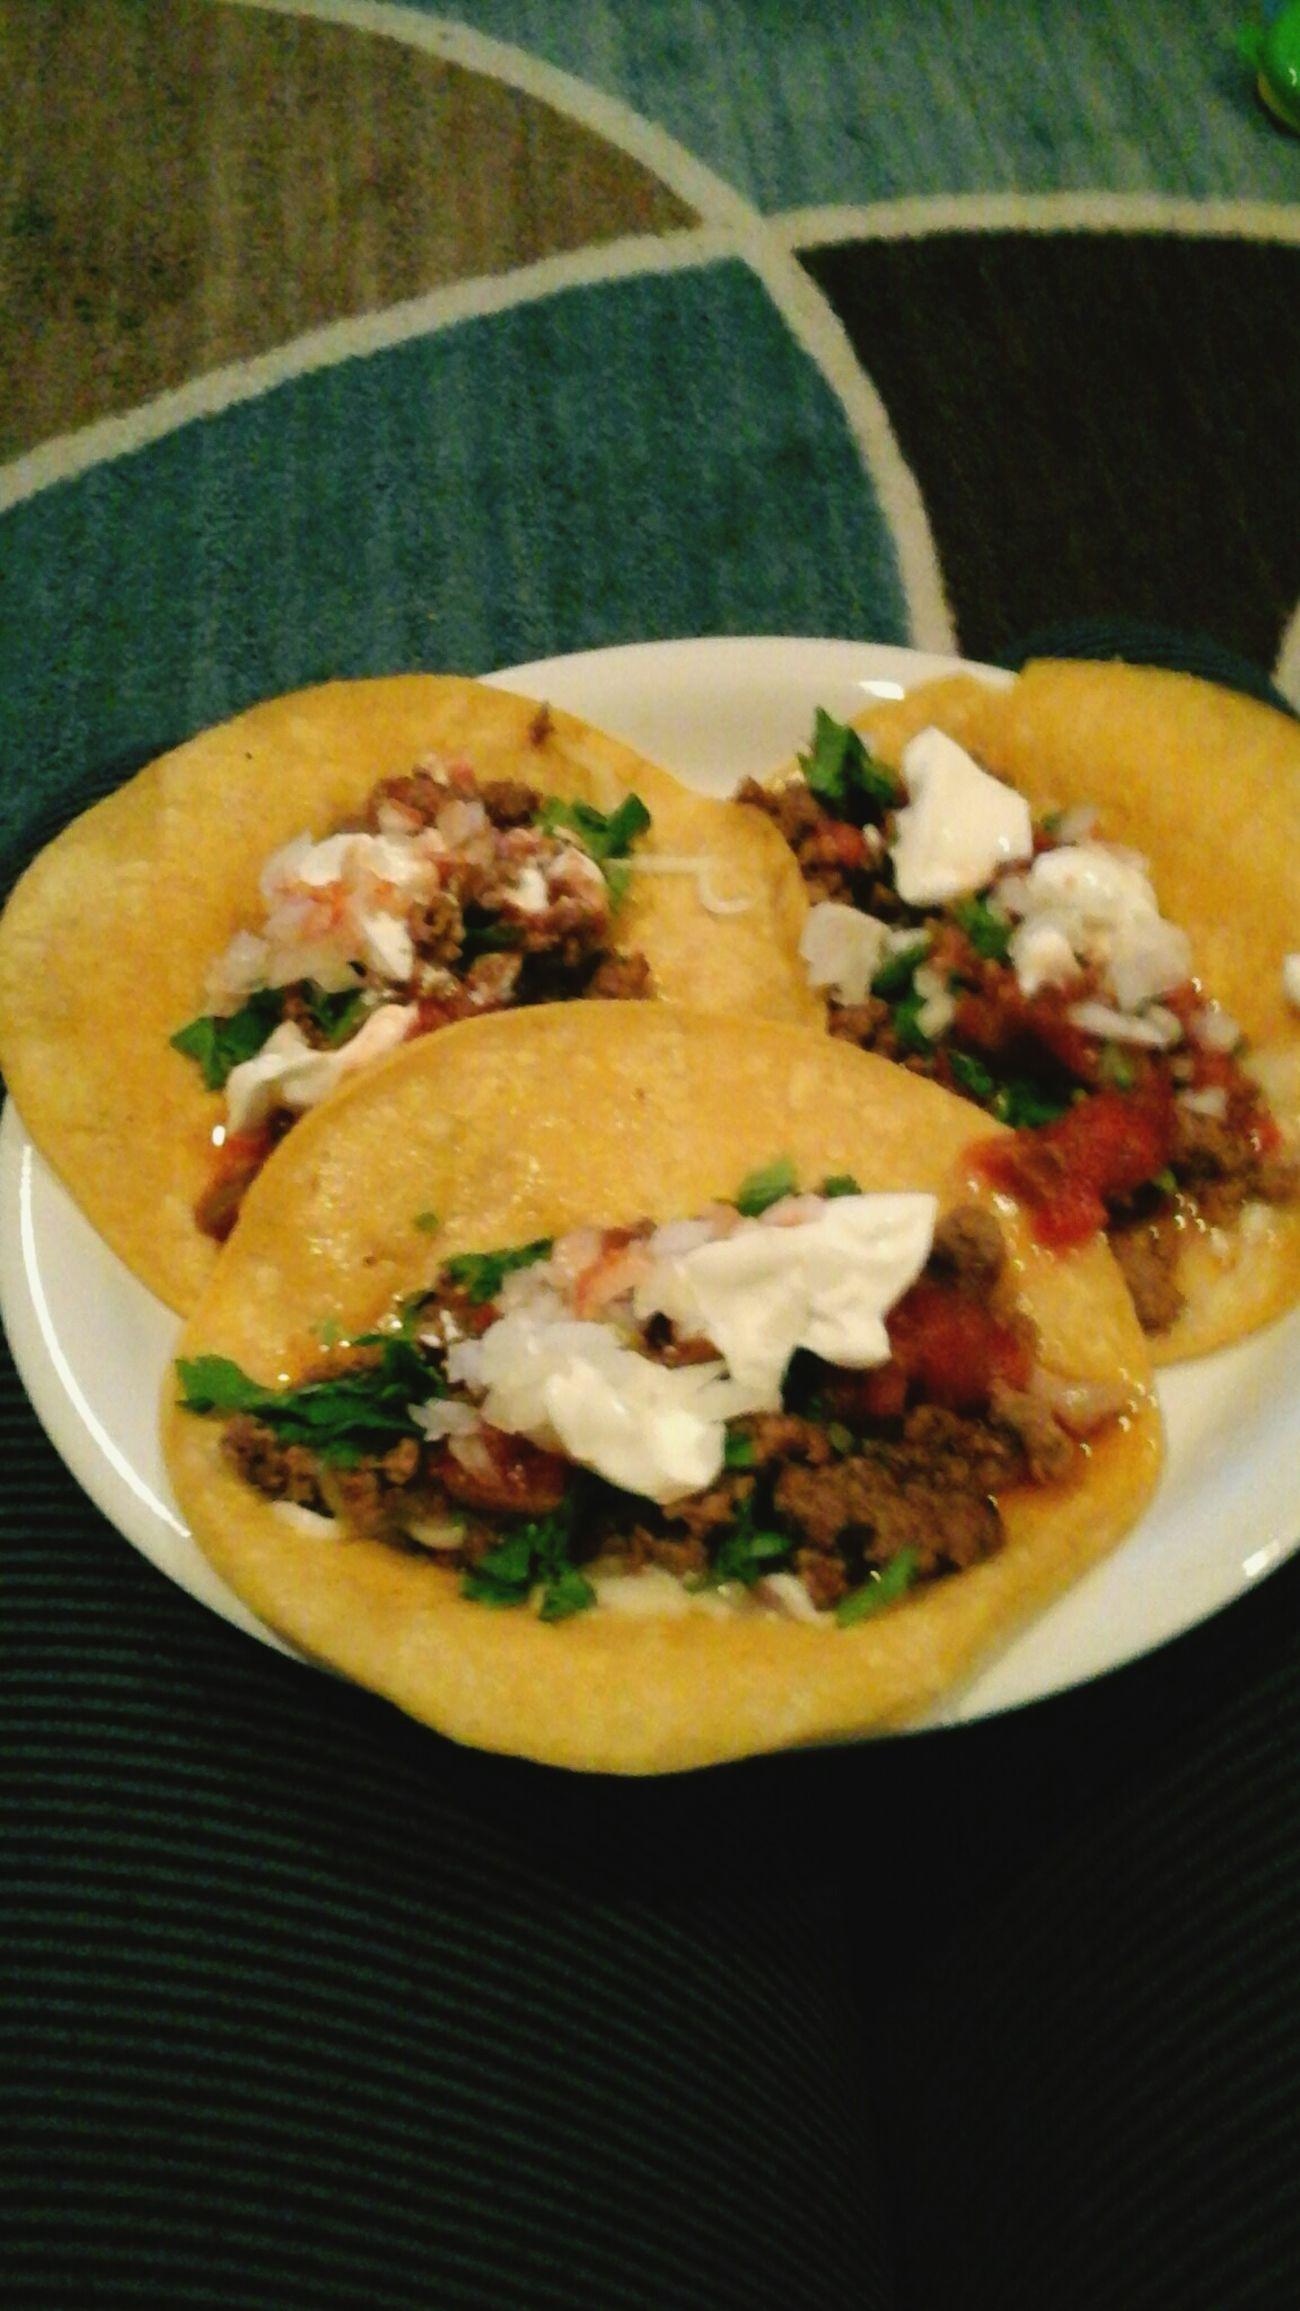 dinner!! turkey tacos 👅👅 Relaxing Enjoying Life Foodporn